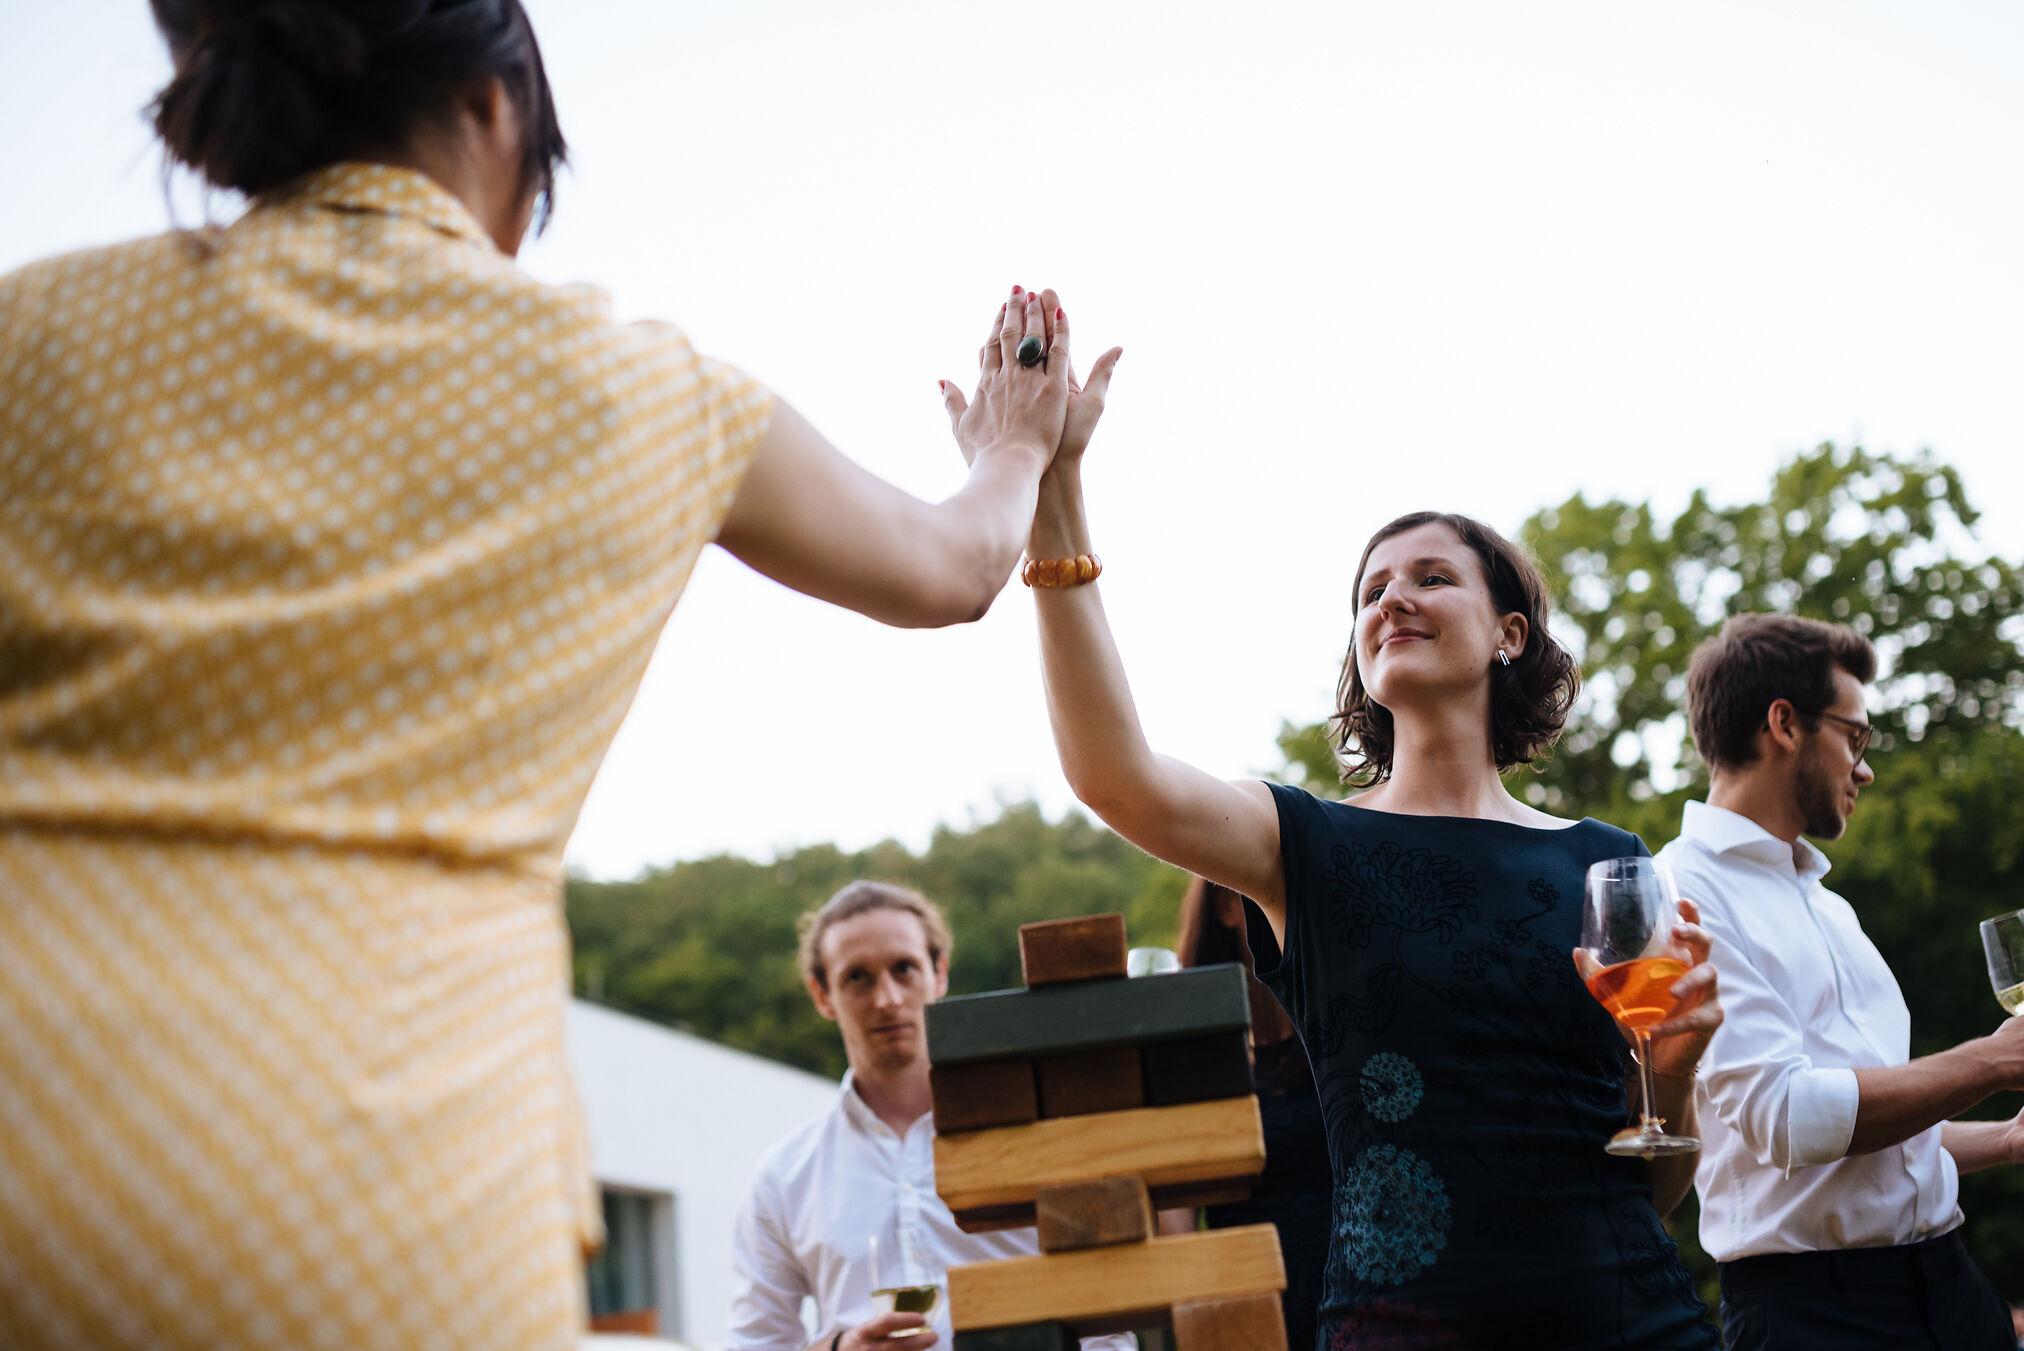 Hochzeit-Garten-Denoti-38.jpg